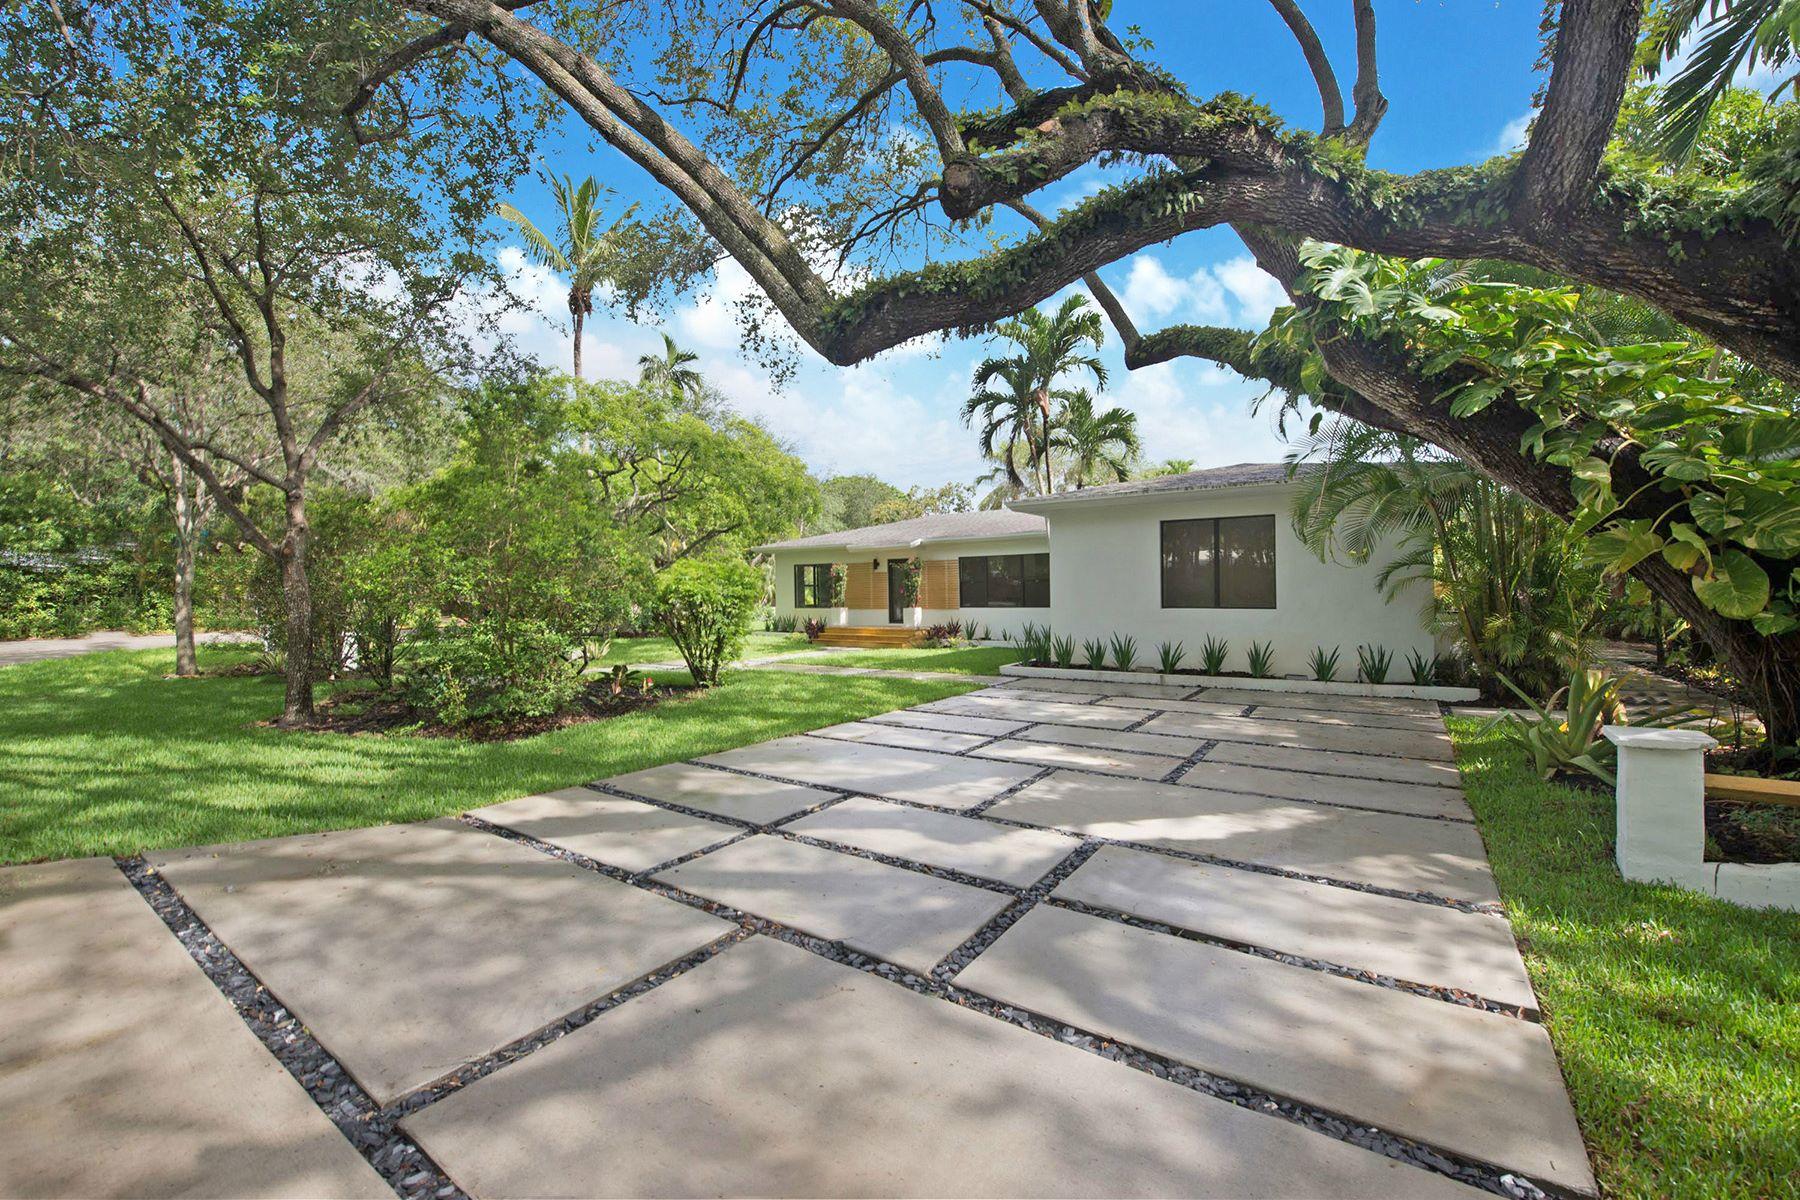 단독 가정 주택 용 매매 에 5781 Sw 81 Street South Miami, 플로리다, 33143 미국